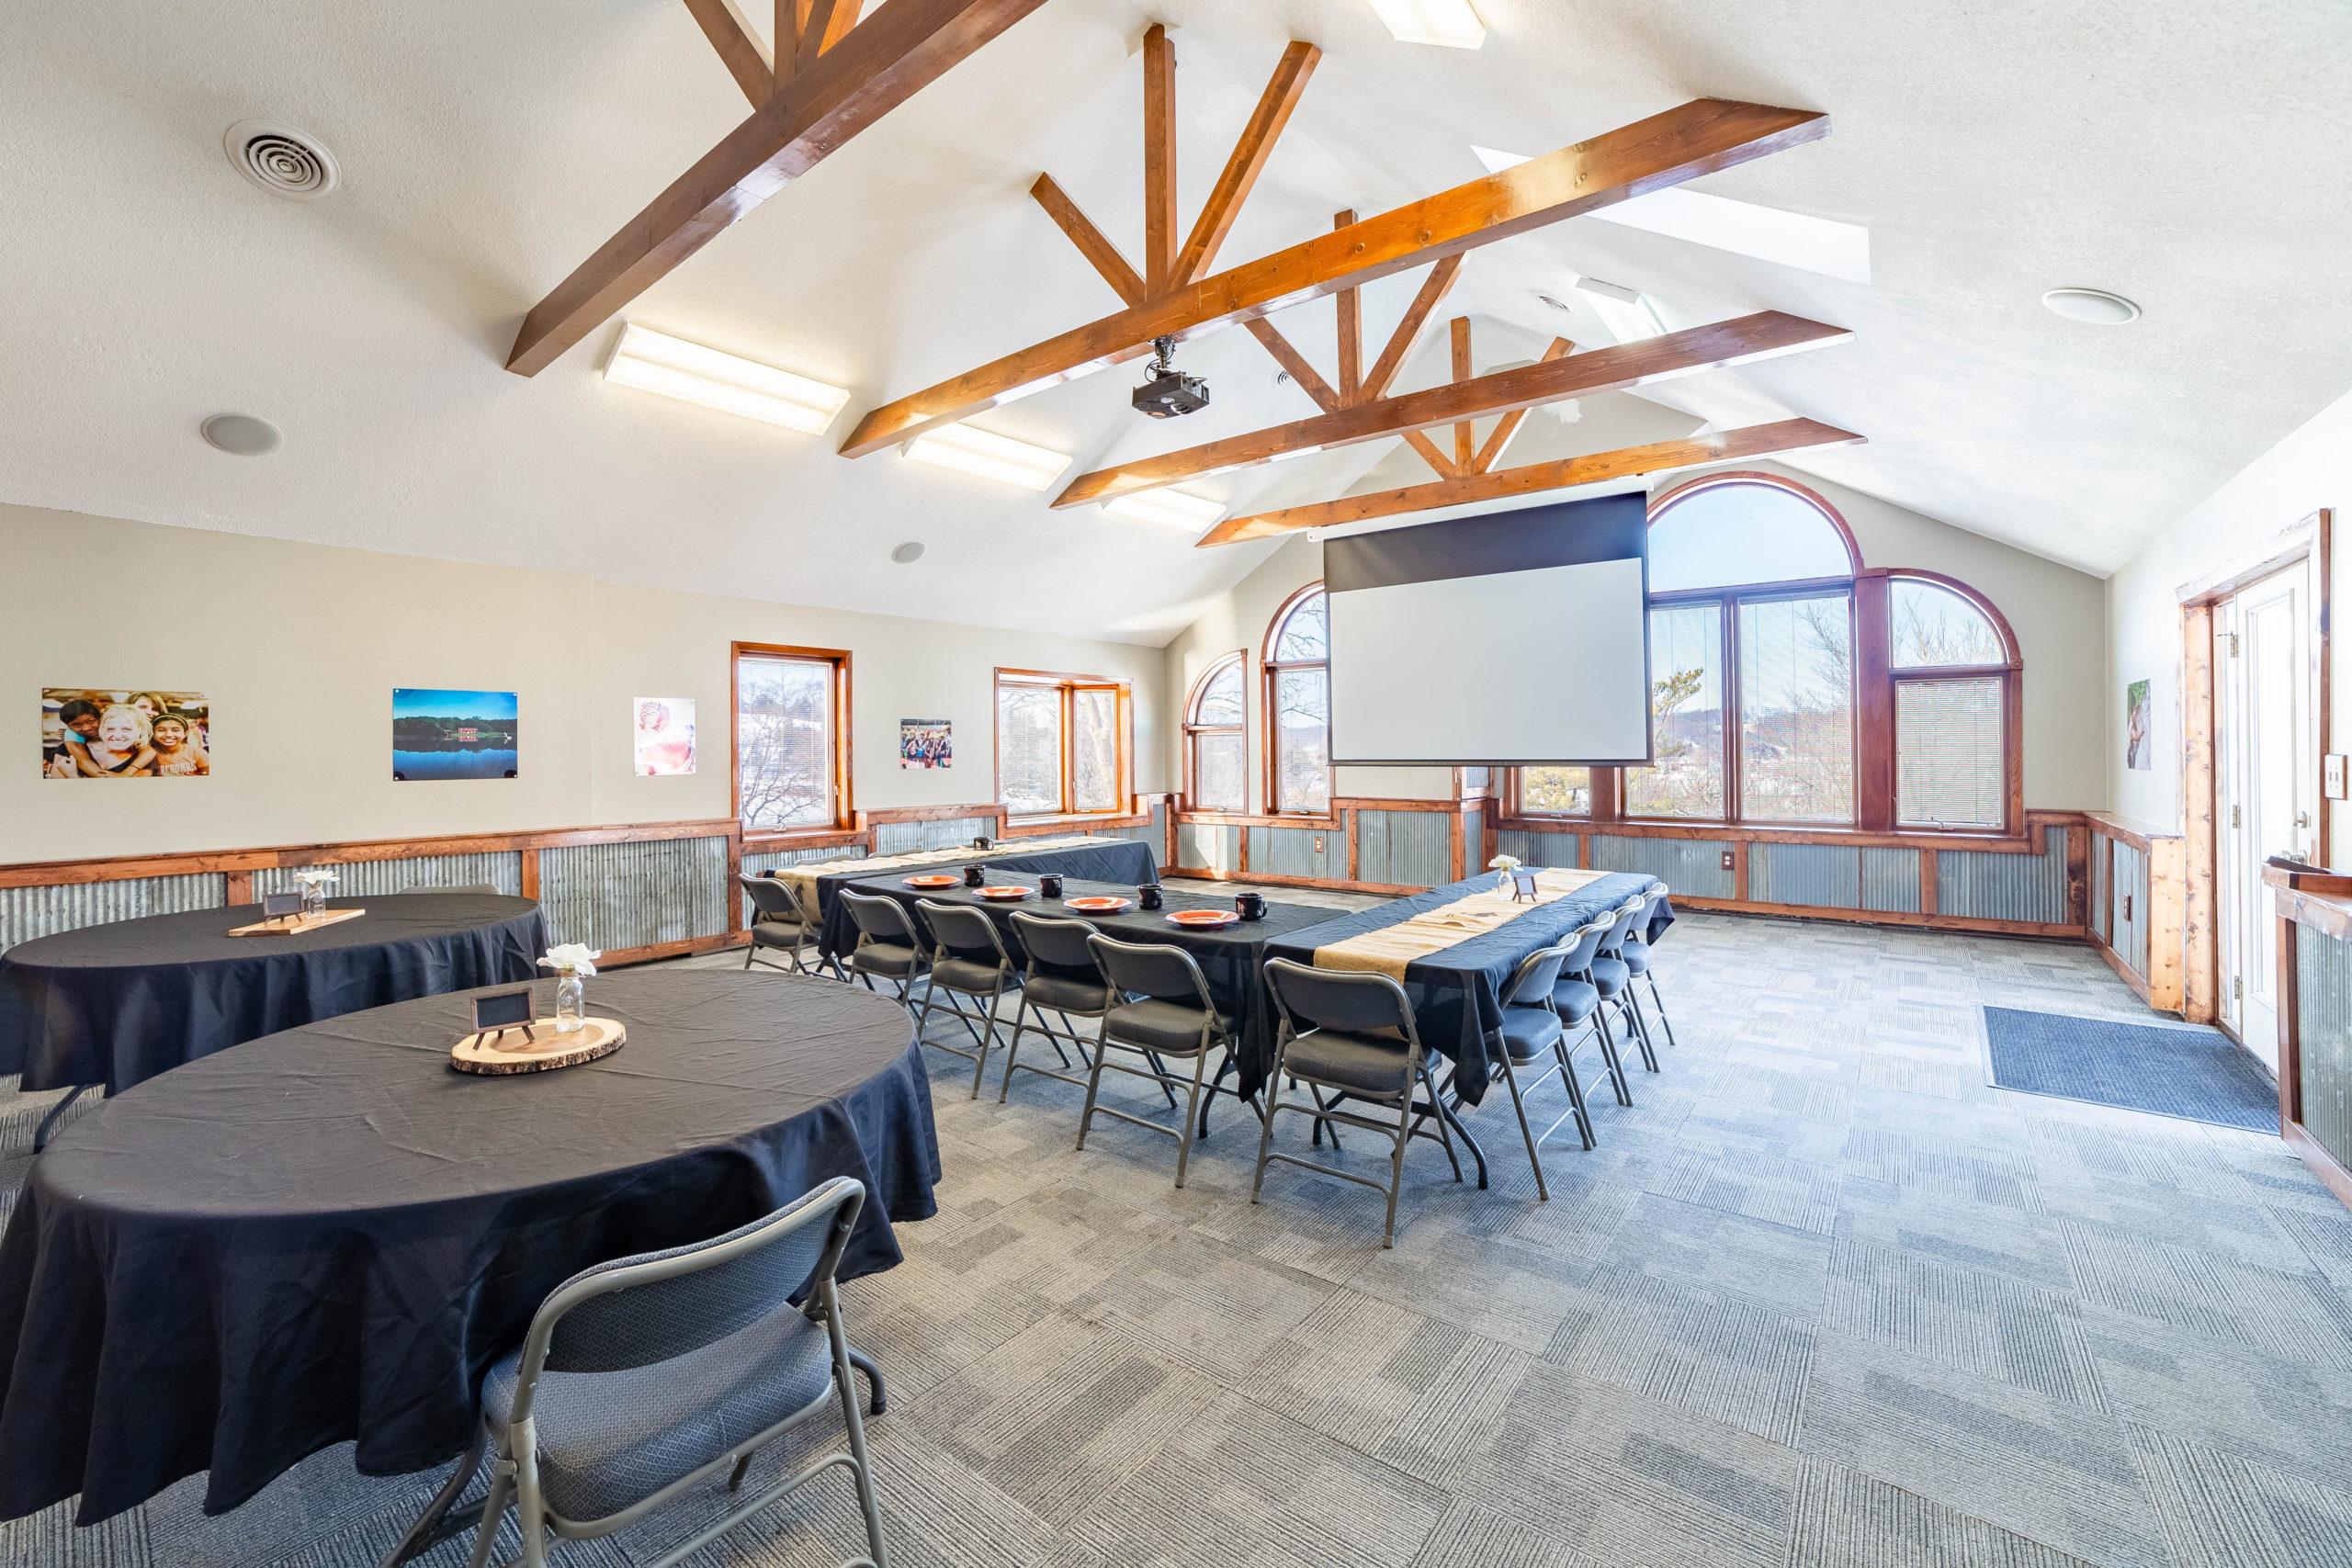 medium sized meeting room